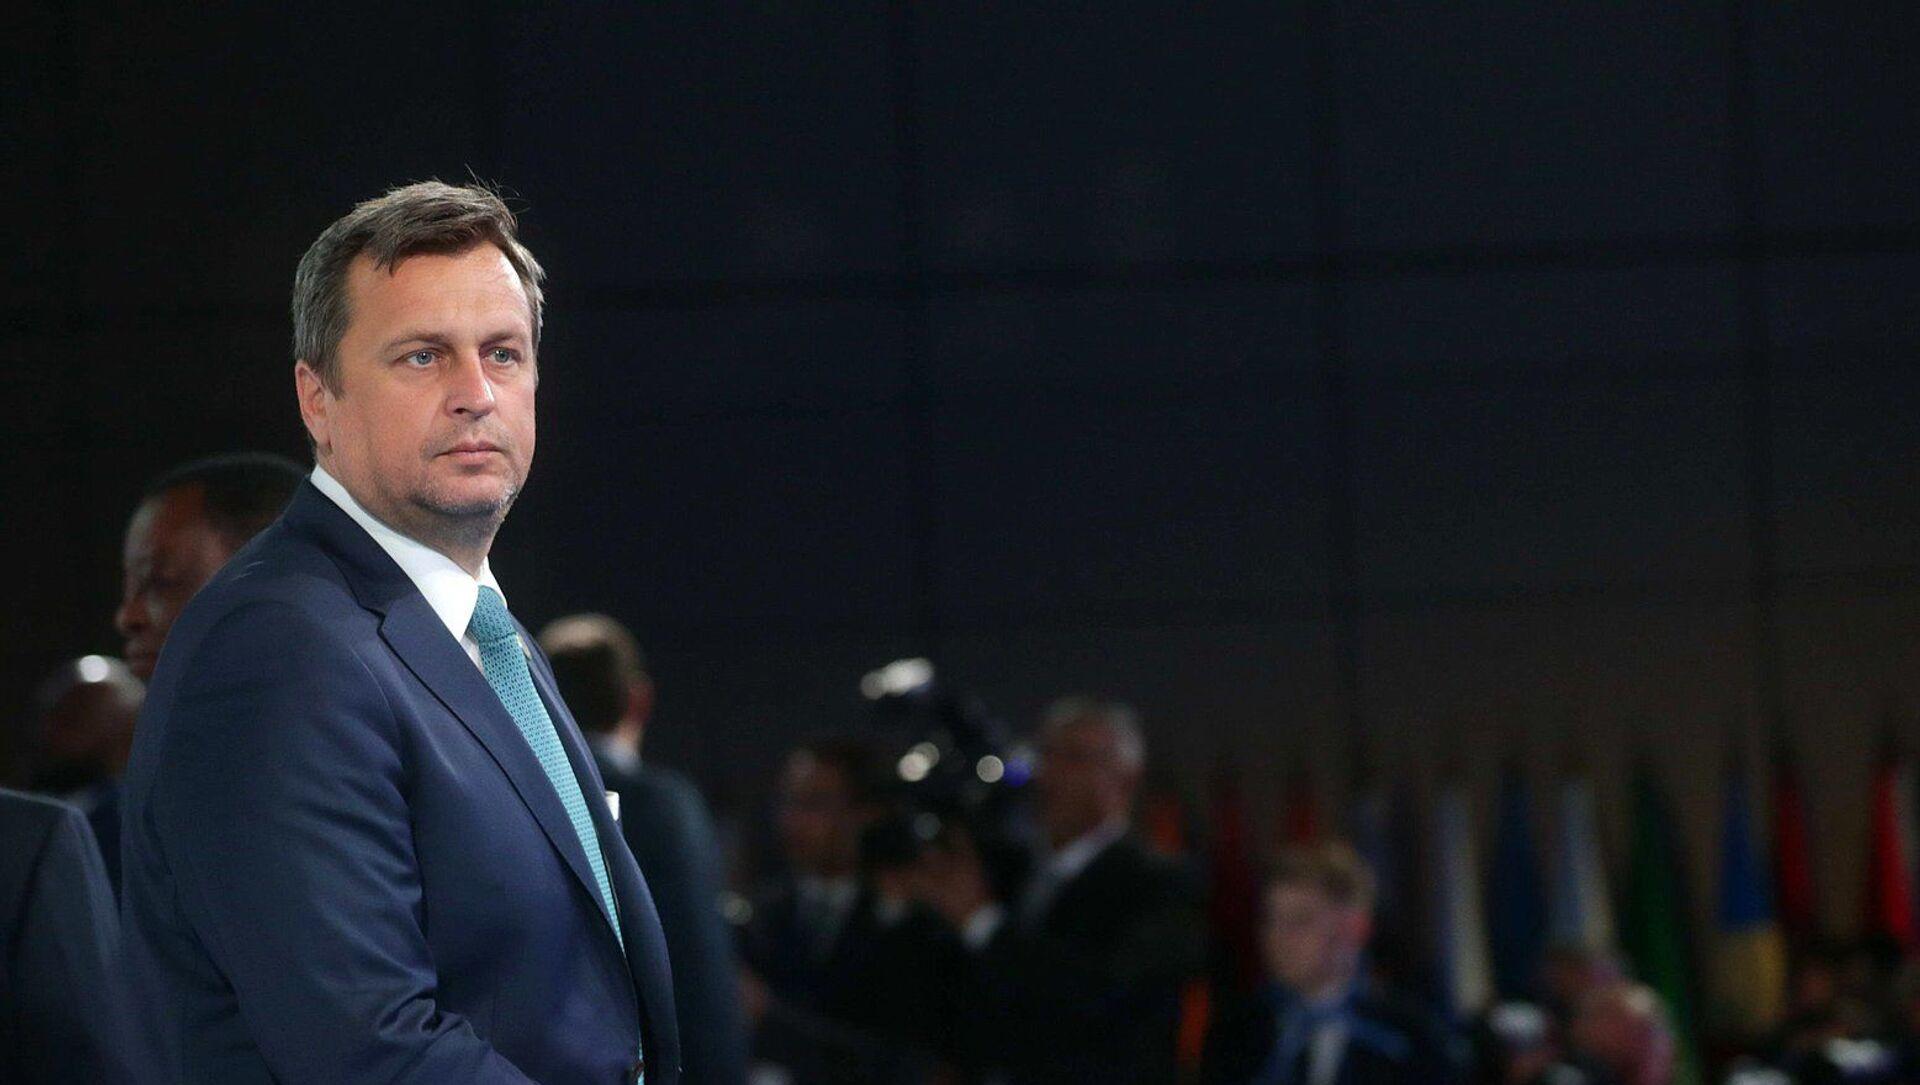 Předseda Národní rady SR a Slovenské národní strany SNS Andrej Danko v Moskvě - Sputnik Česká republika, 1920, 04.02.2021